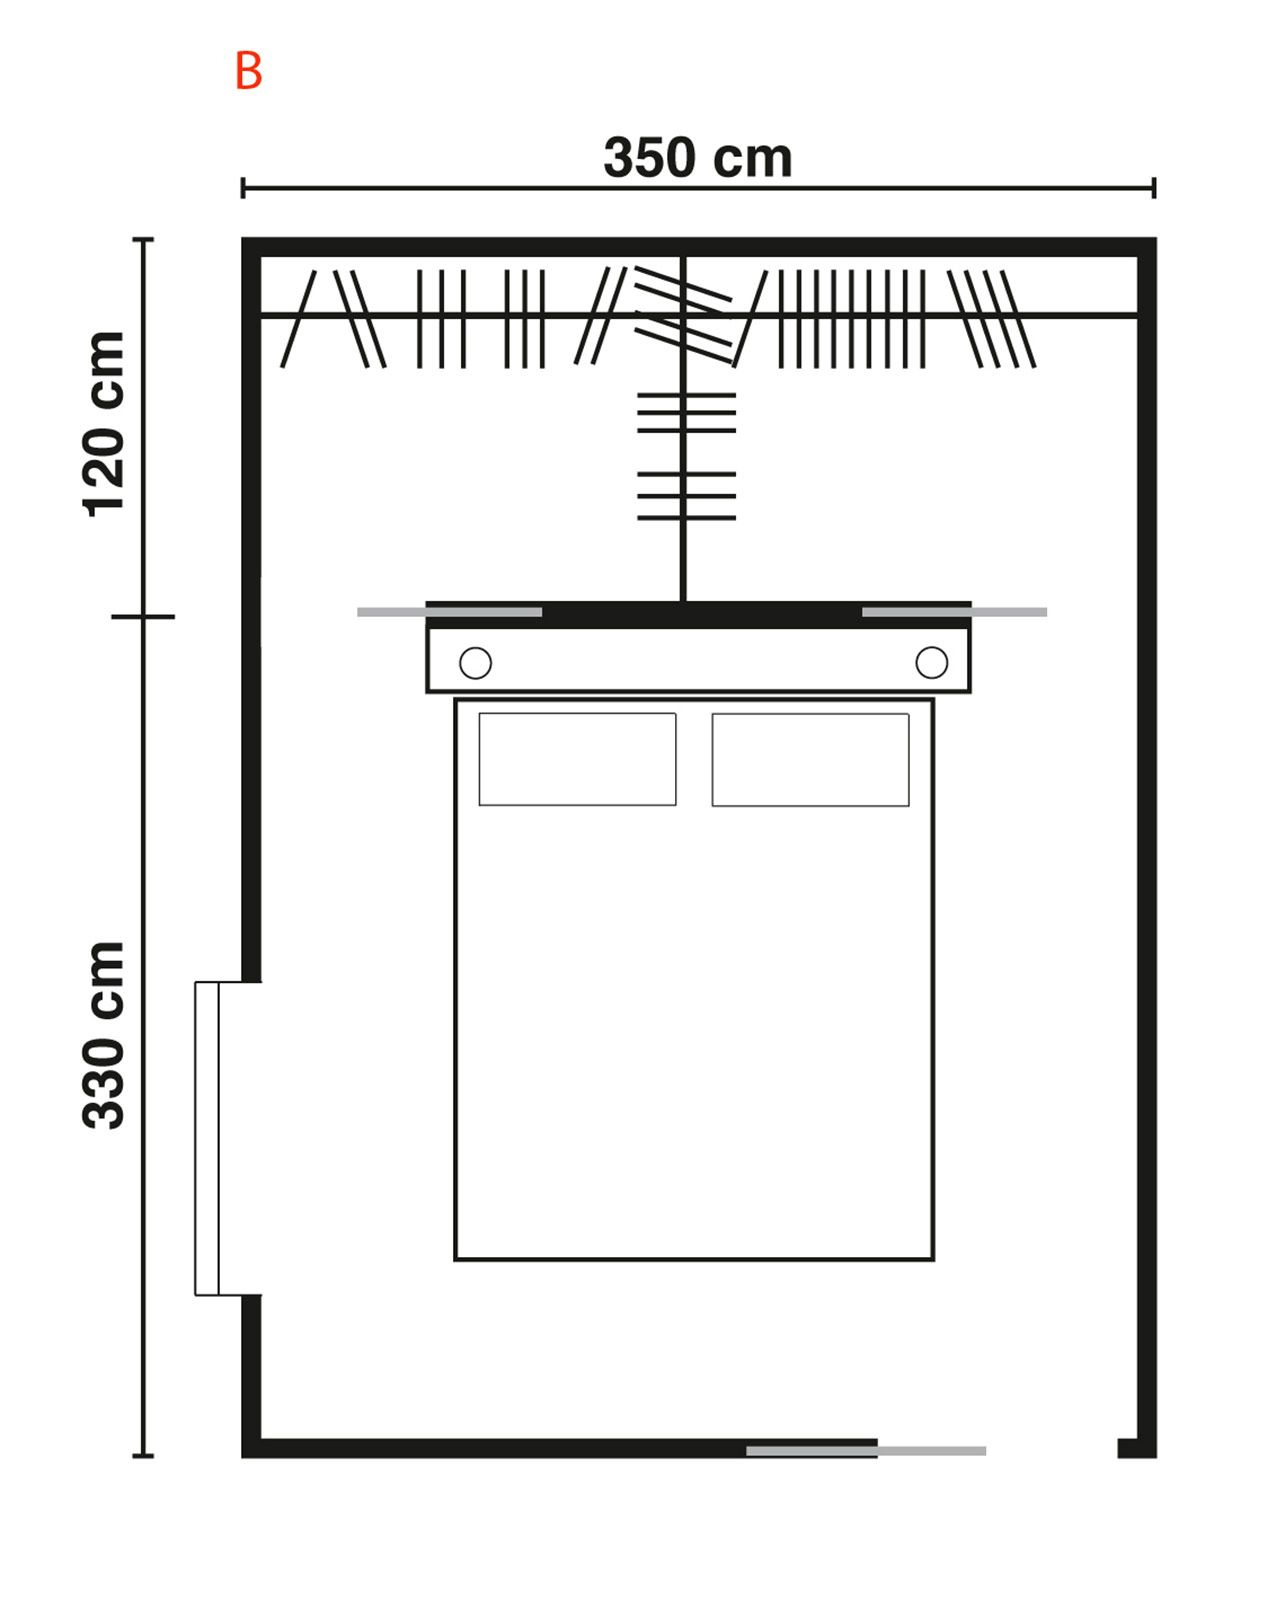 Cabine armadio progettiamo insieme lo spazio cose di - Cabina armadio angolare misure ...